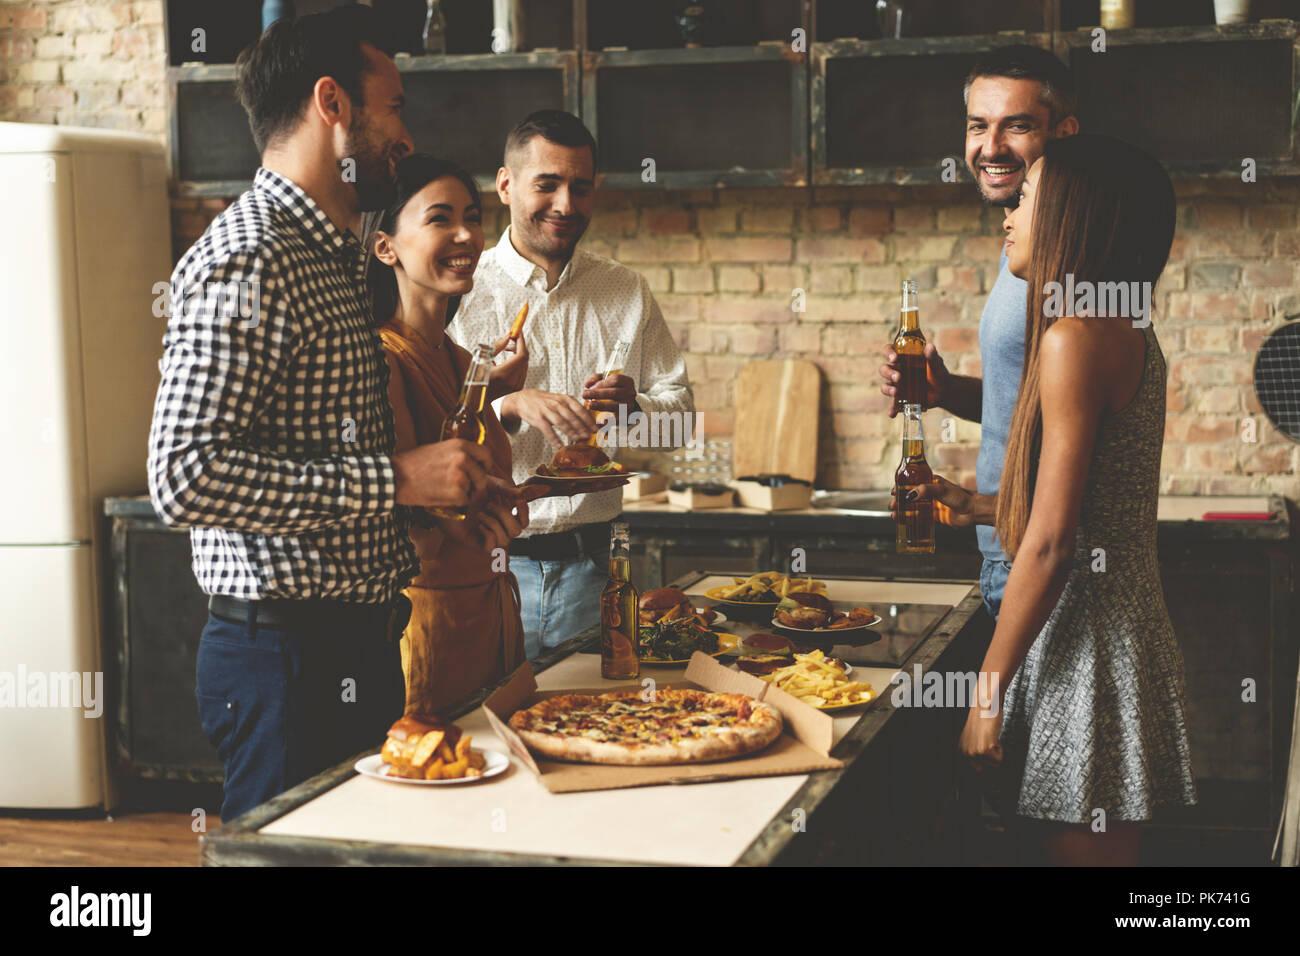 Casa Fiesta. Longitud total de alegres jóvenes disfrutando del partido en casa mientras se comunica y comer bocadillos en la cocina. Imagen De Stock